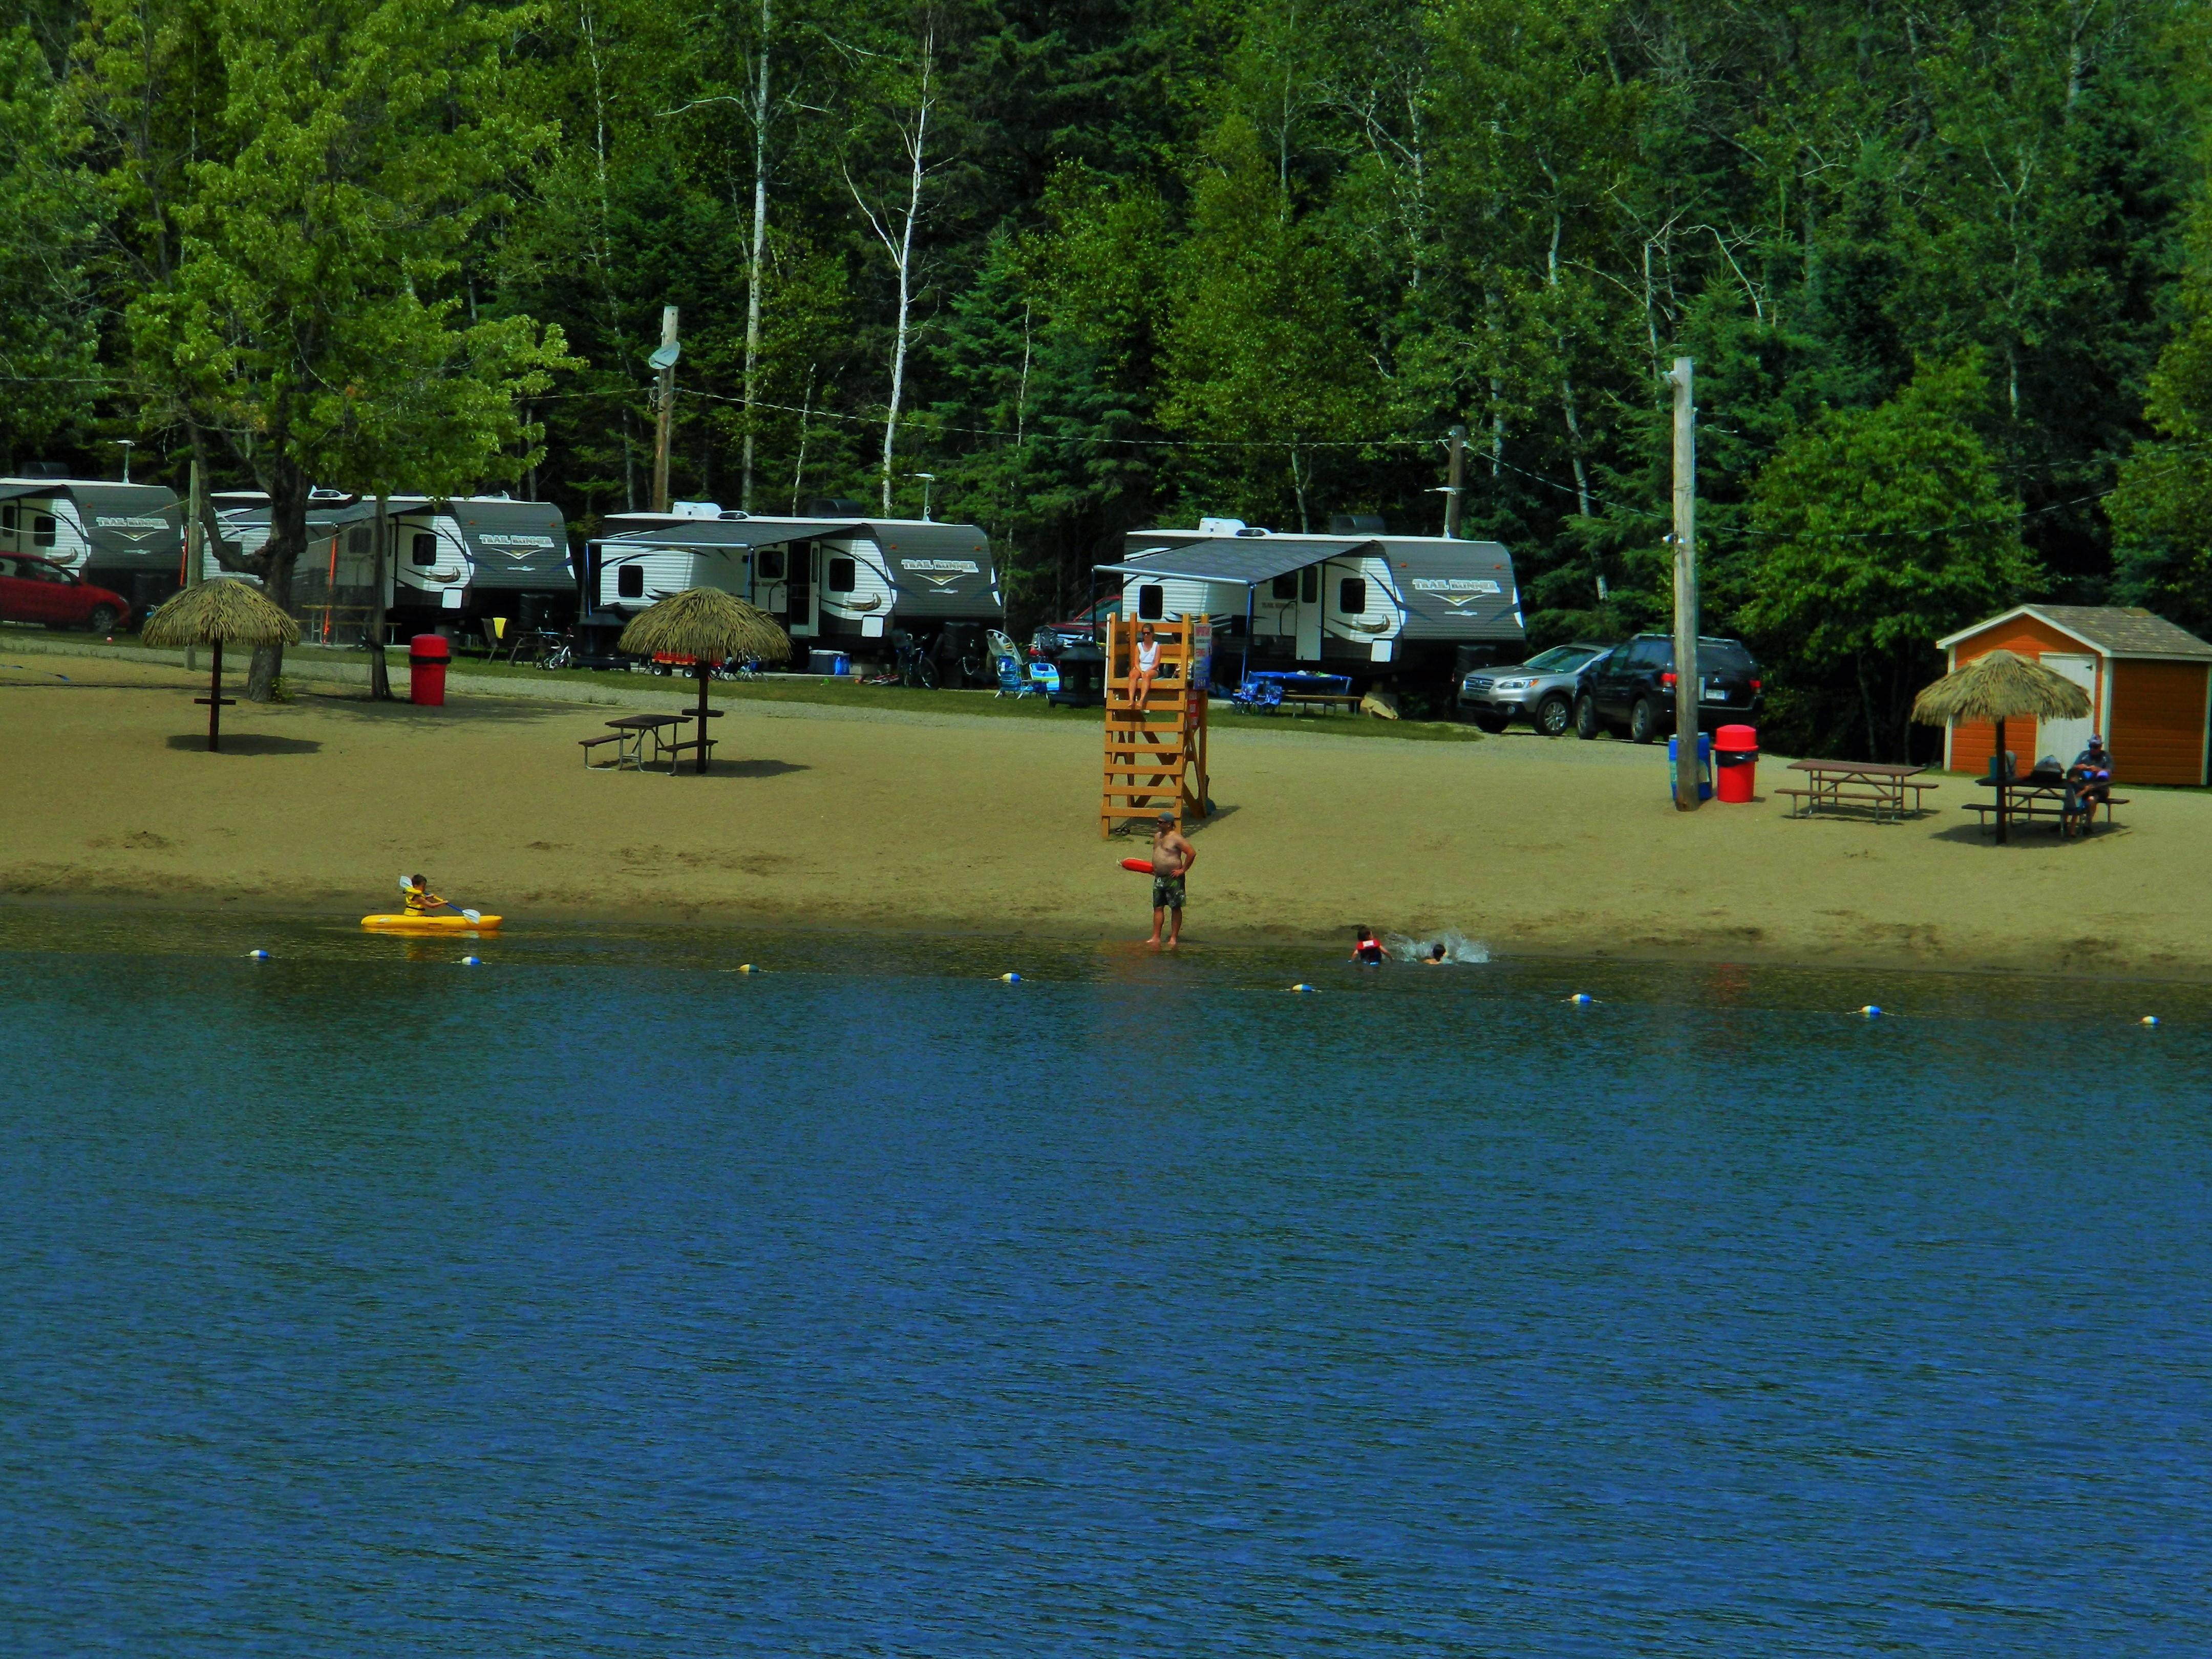 Roulottes de location à la plage